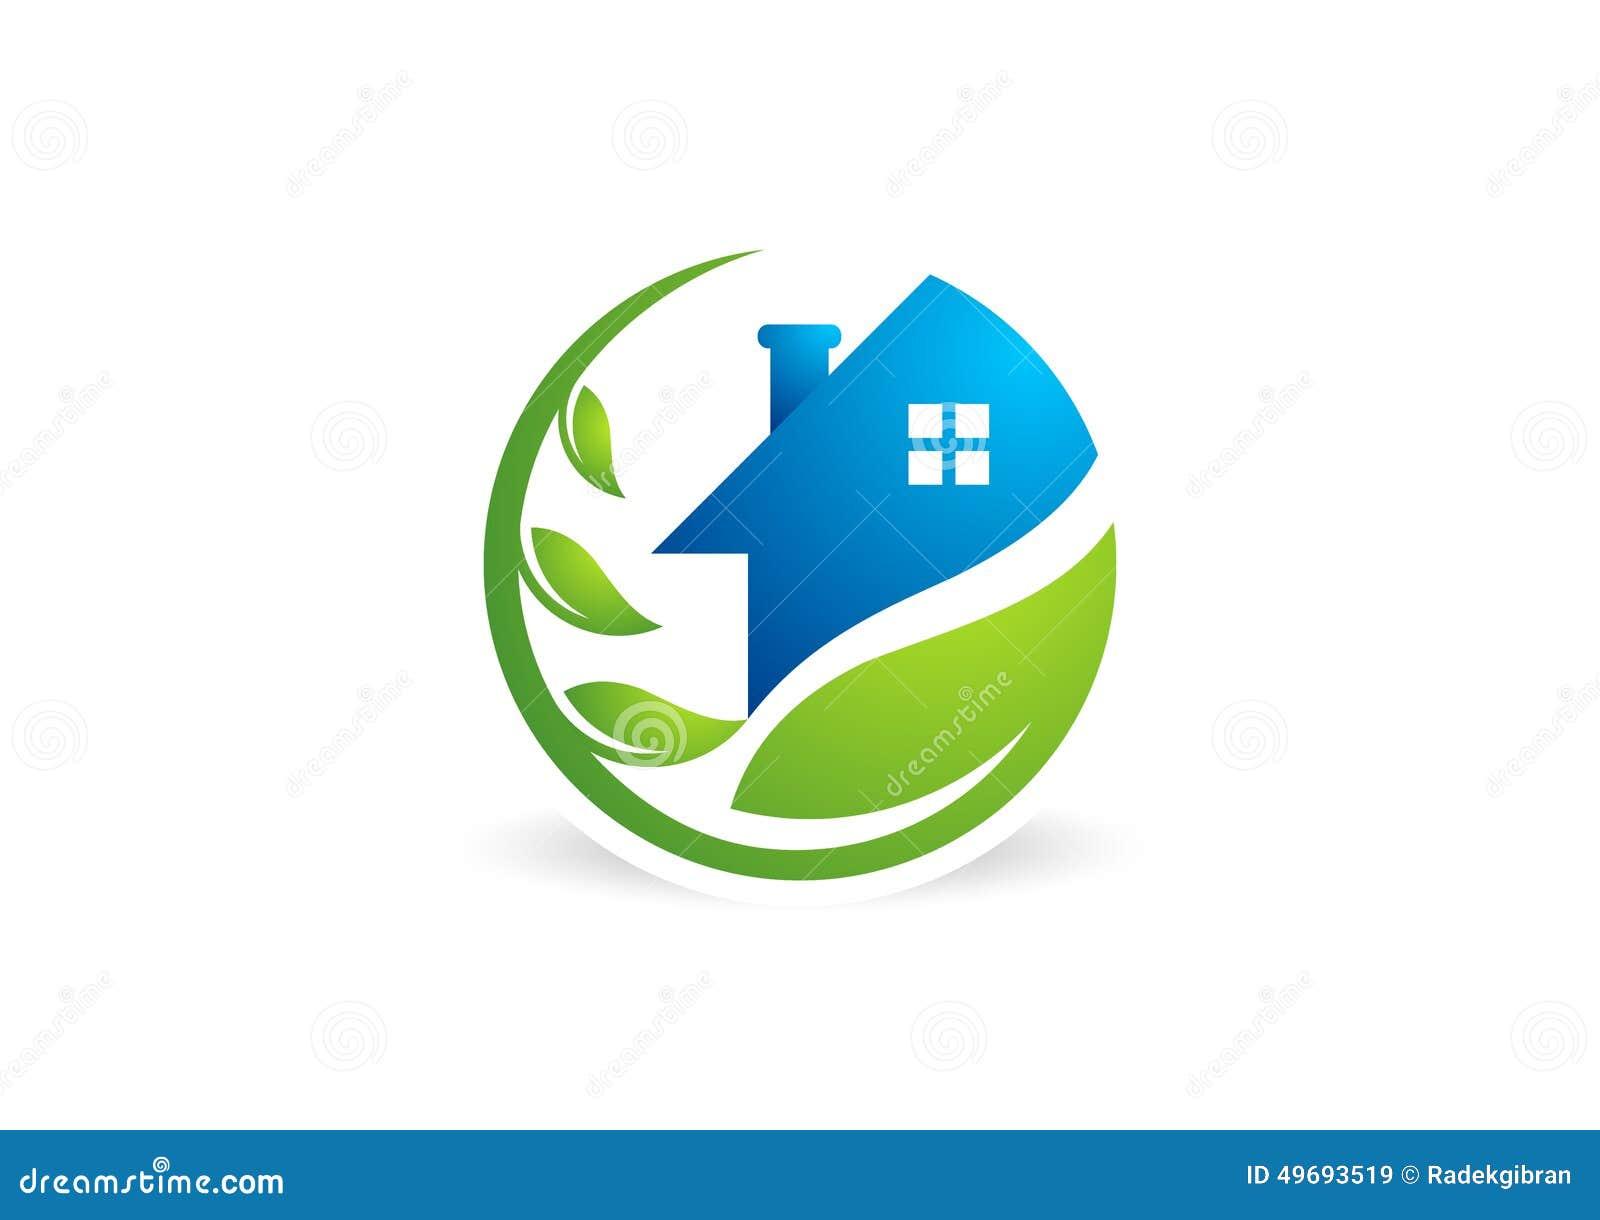 Объезжайте домашний логотип завода, жилищное строительство, архитектуру, вектор дизайна значка символа природы недвижимости